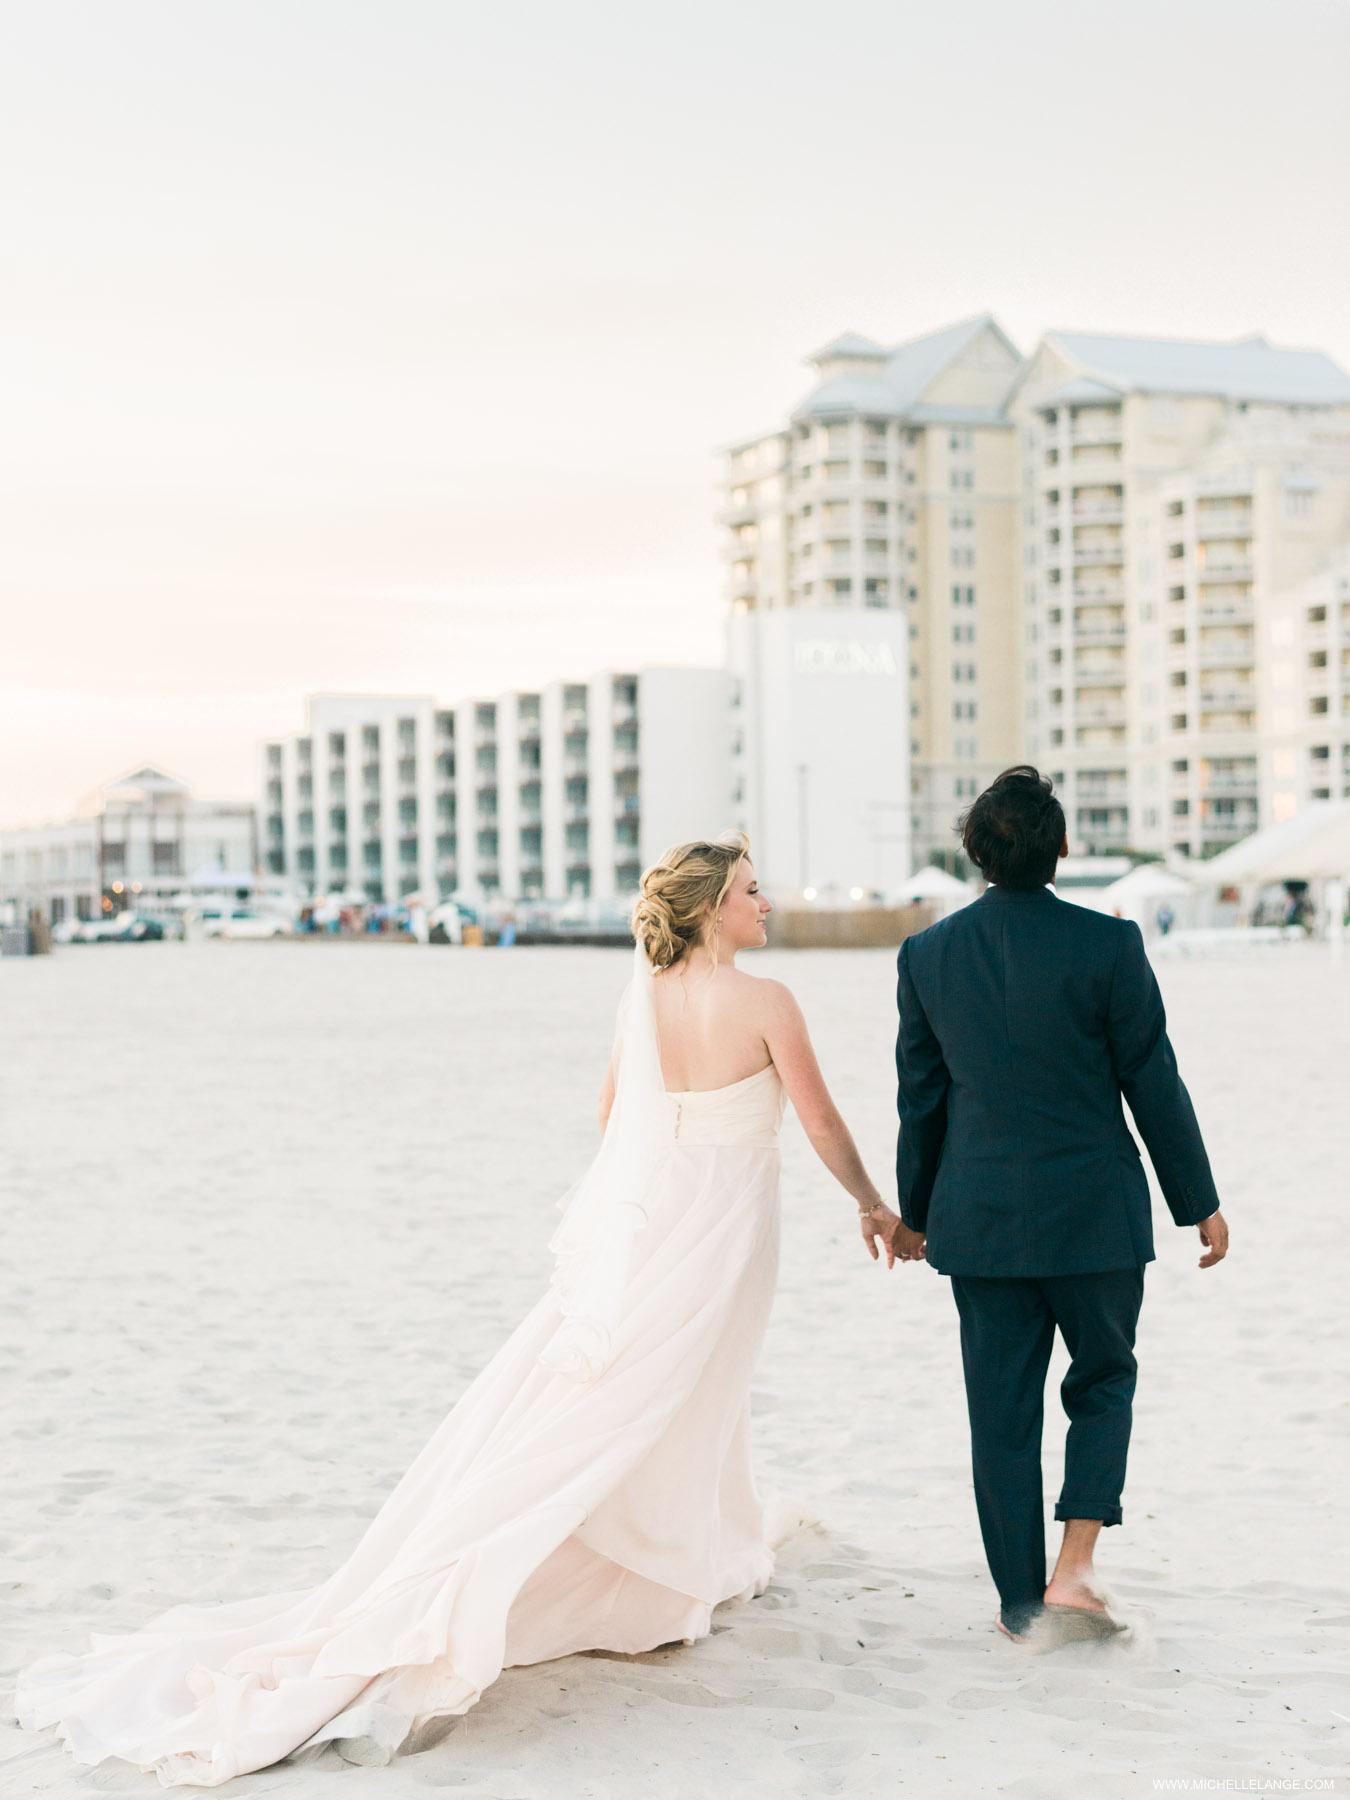 Hotel Icona Cape May NJ Wedding Photographer